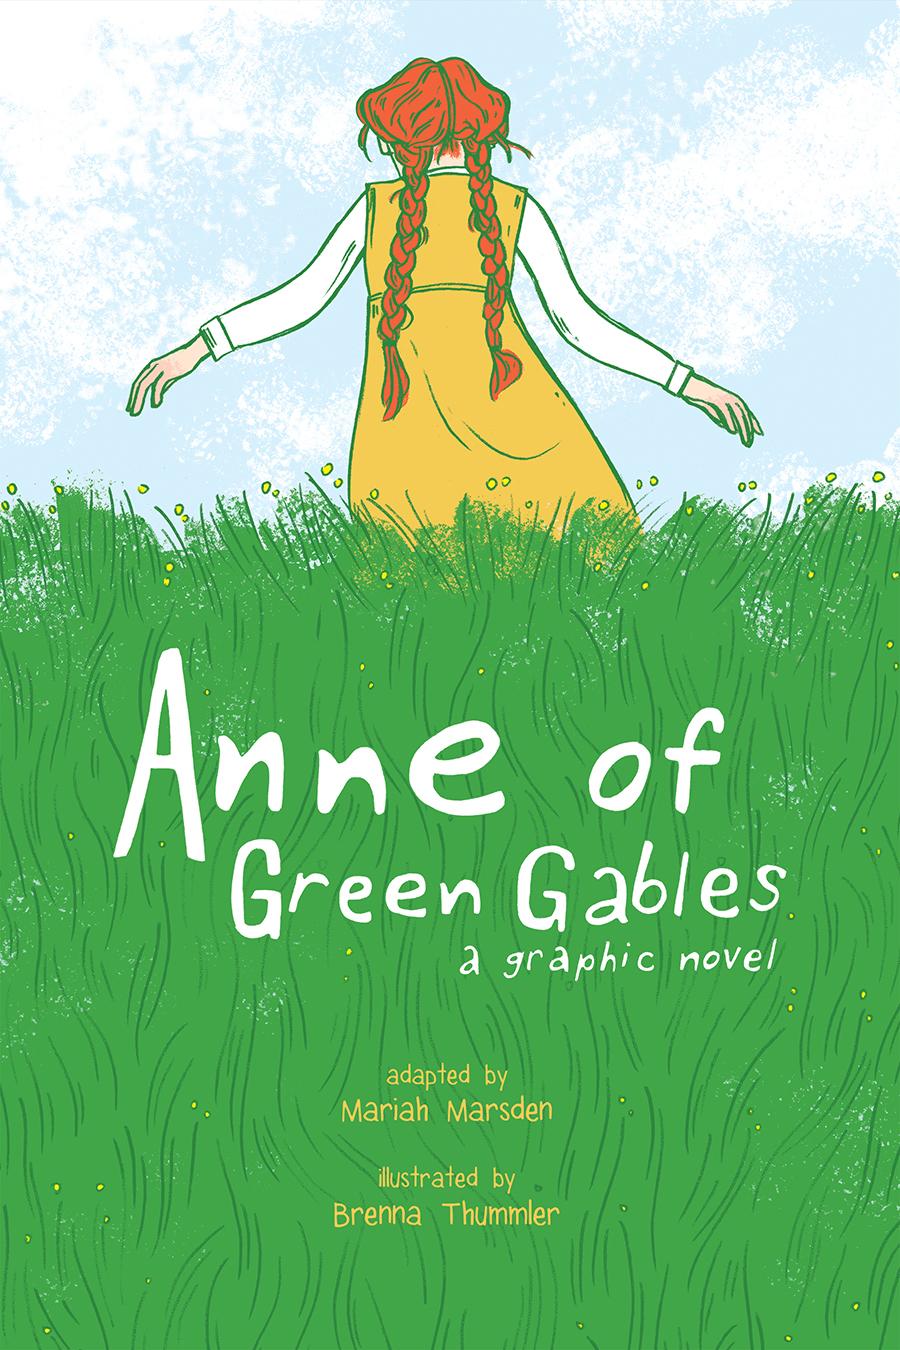 Thummler_Anne of Green Gables_cover.jpg